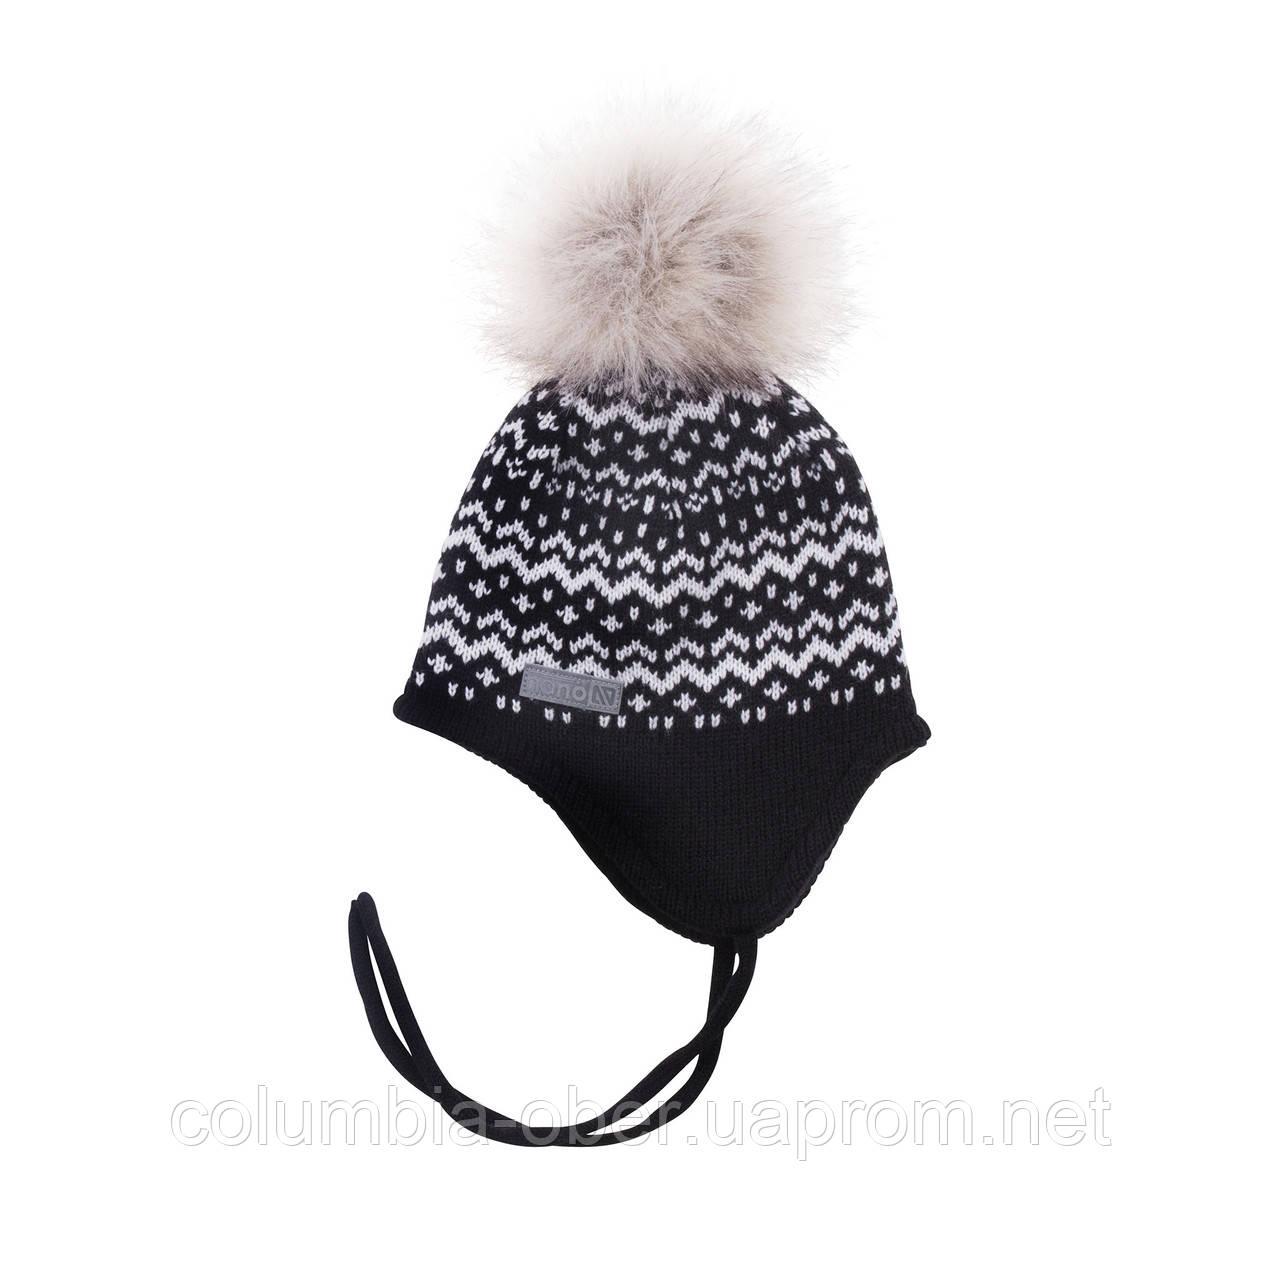 Зимняя детская шапка для девочки Nano F18 TU 252 Black. Размеры 2/4 и 5/6X.